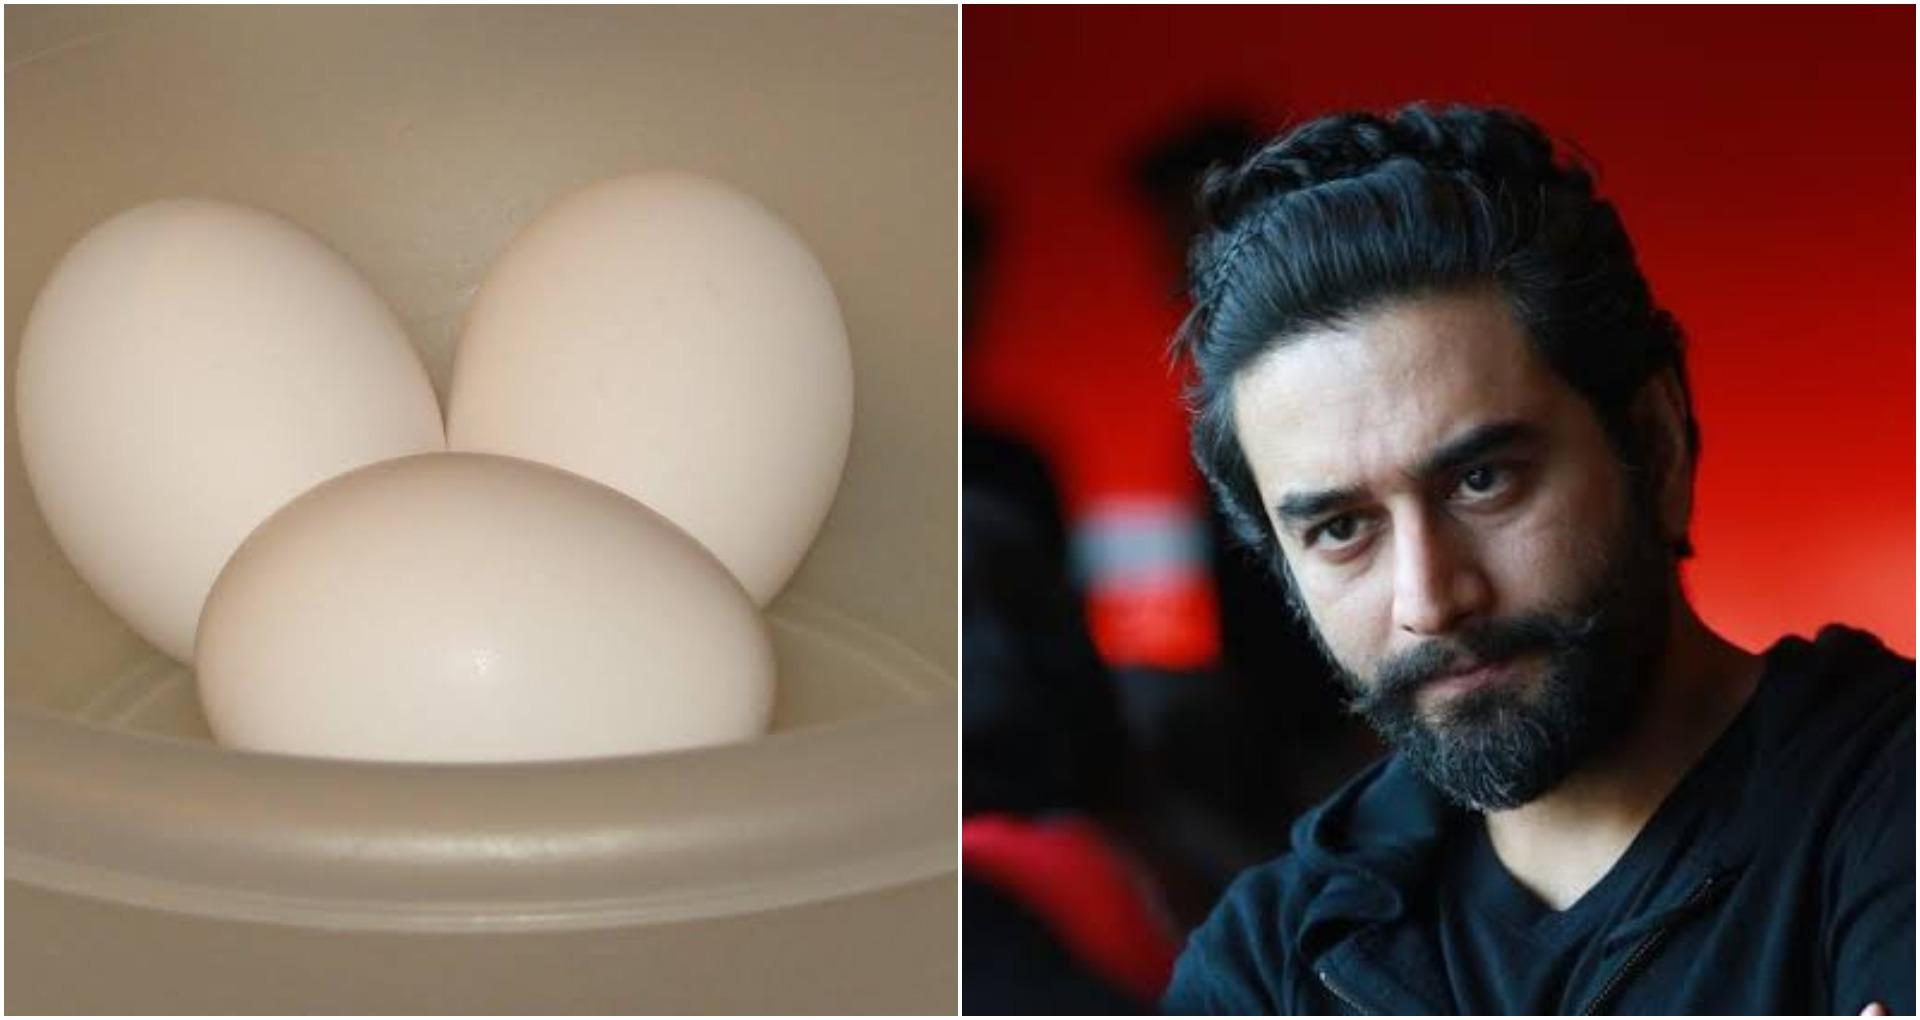 SHOCKING: इस म्यूज़िक कंपोज़र को भरने पड़े तीन अंडो के हज़ारों, सेलेब ने दिया ऐसा रिएक्शन